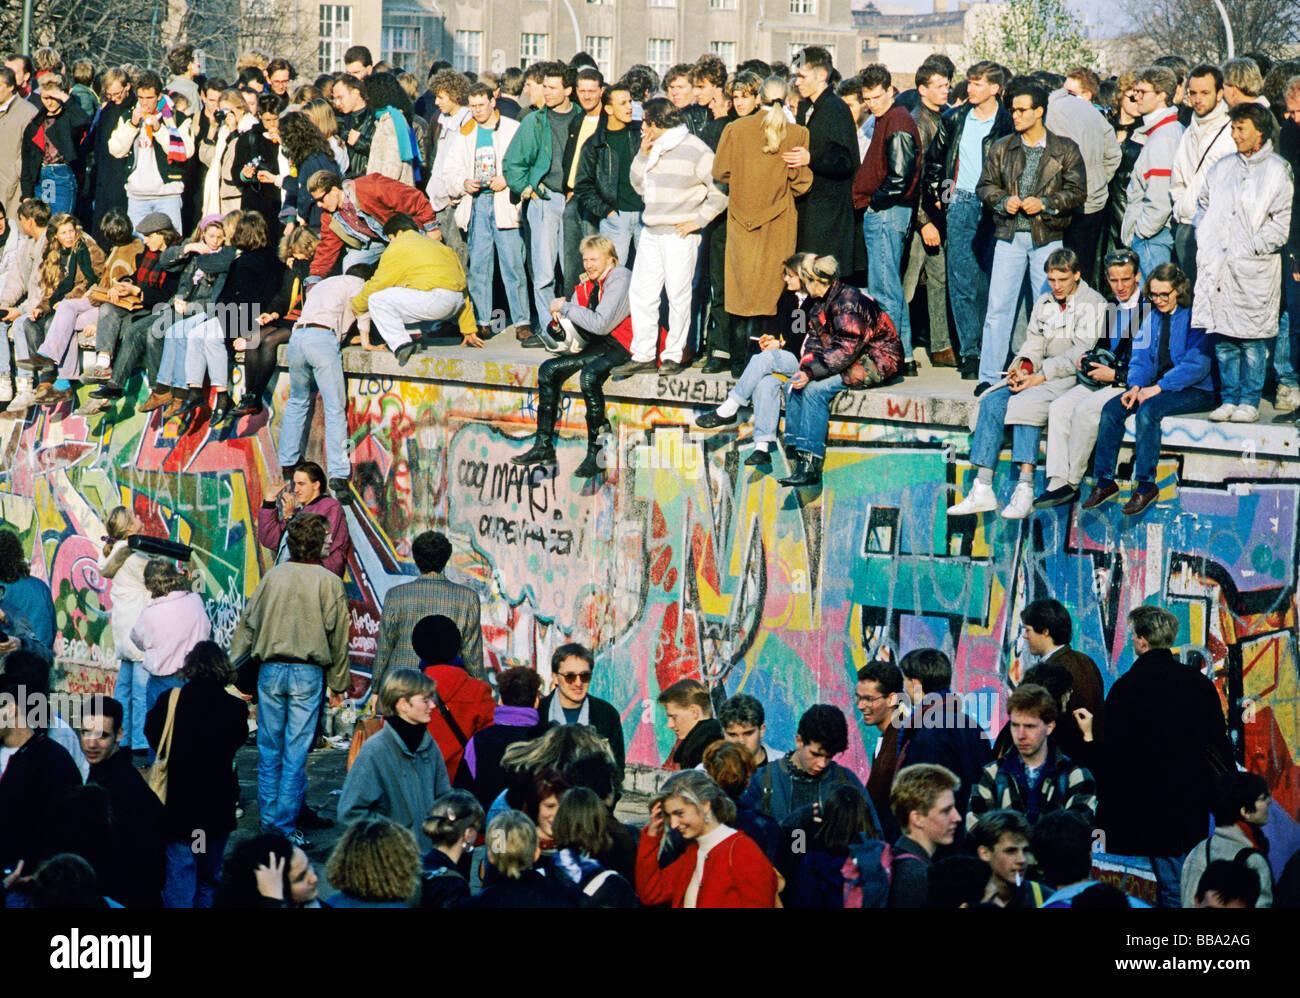 Menschen auf der Mauer am Brandenburger Tor, dem Tag nach dem Fall der Berliner Mauer, Berlin, Deutschland, Europa Stockbild